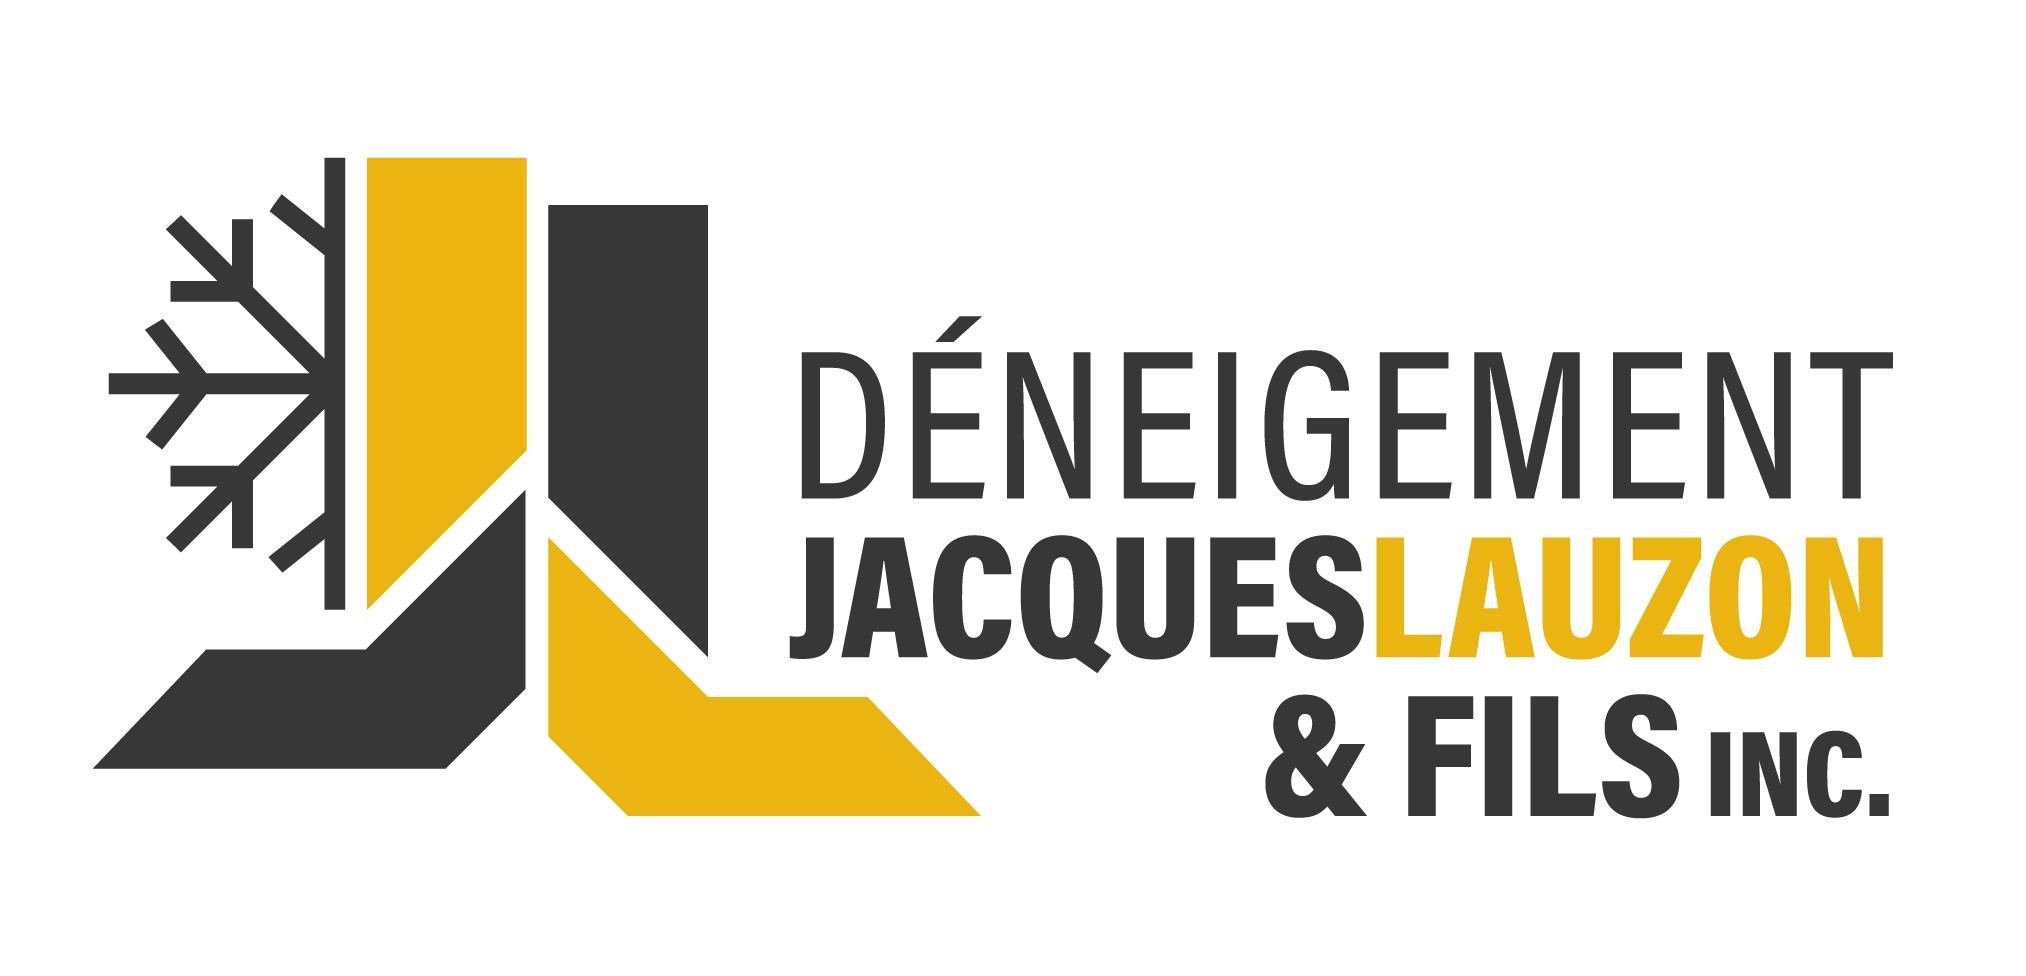 Logo déneigement Jacques Lauzon et fils